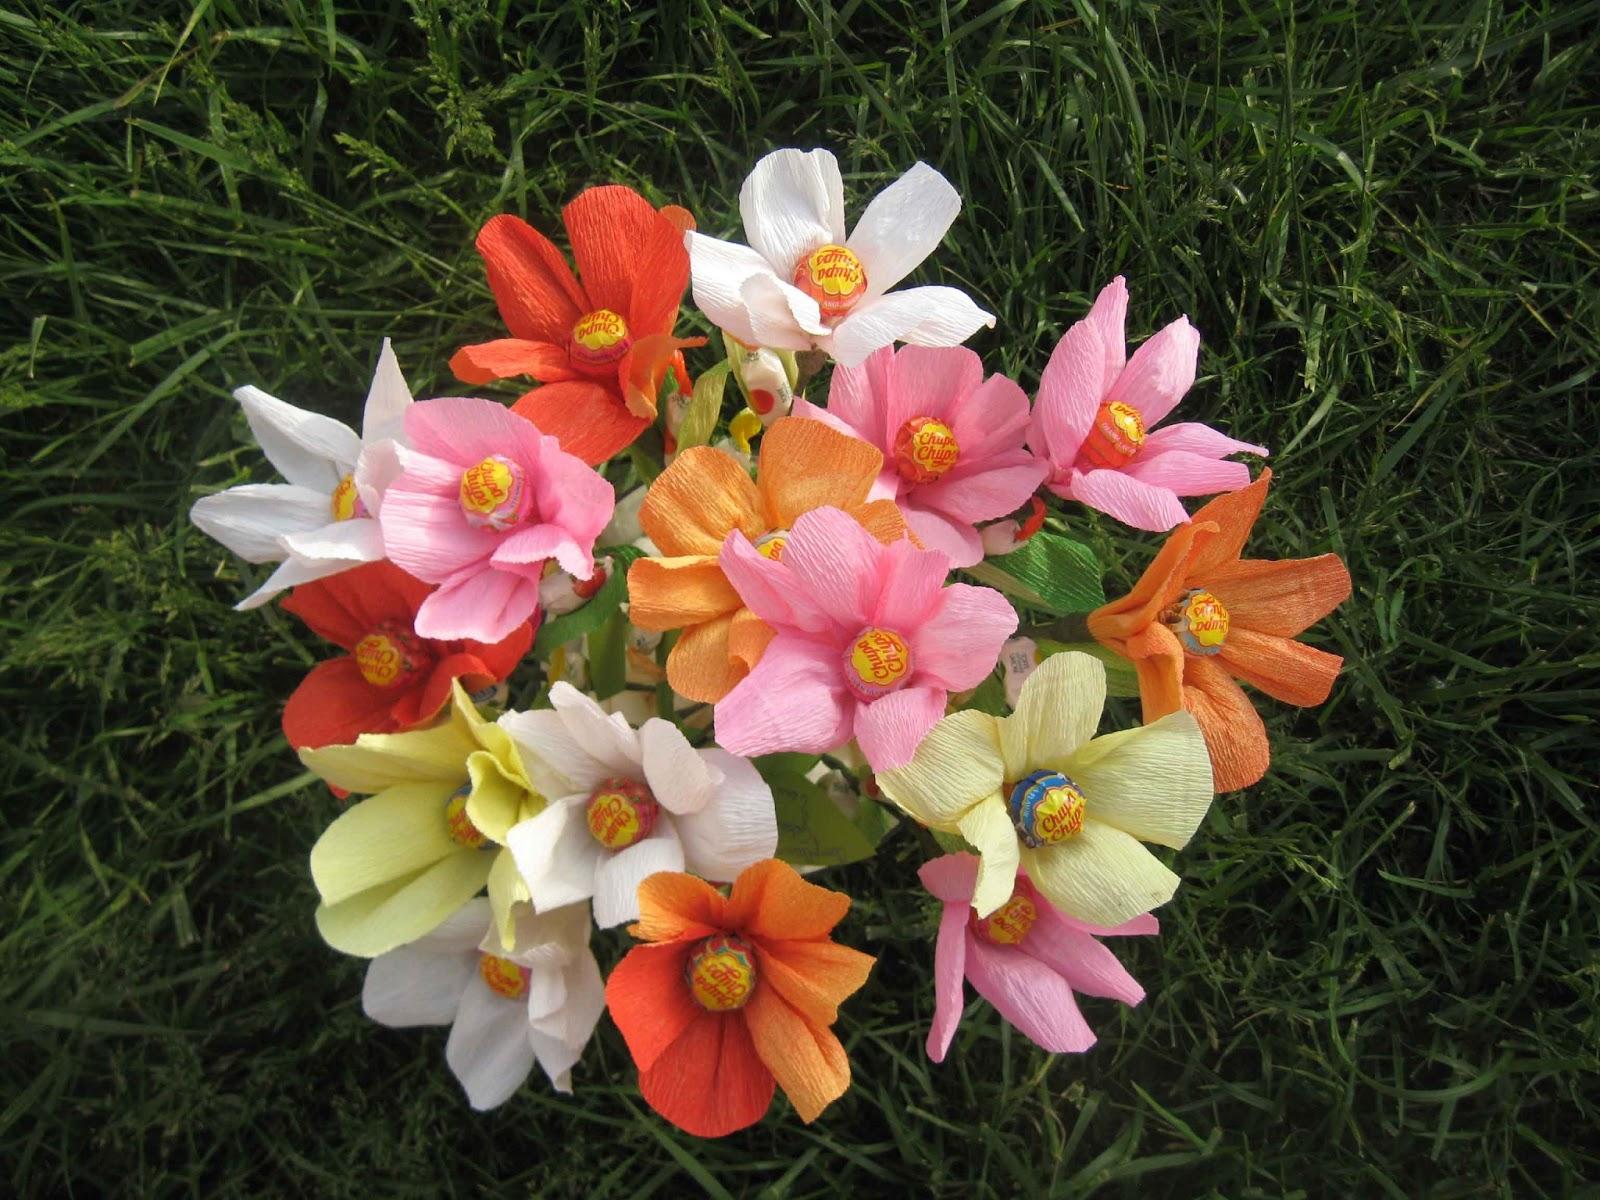 Favoloso 1 post creativo al giorno: #147/365 Favors di compleanno a fiore MJ54